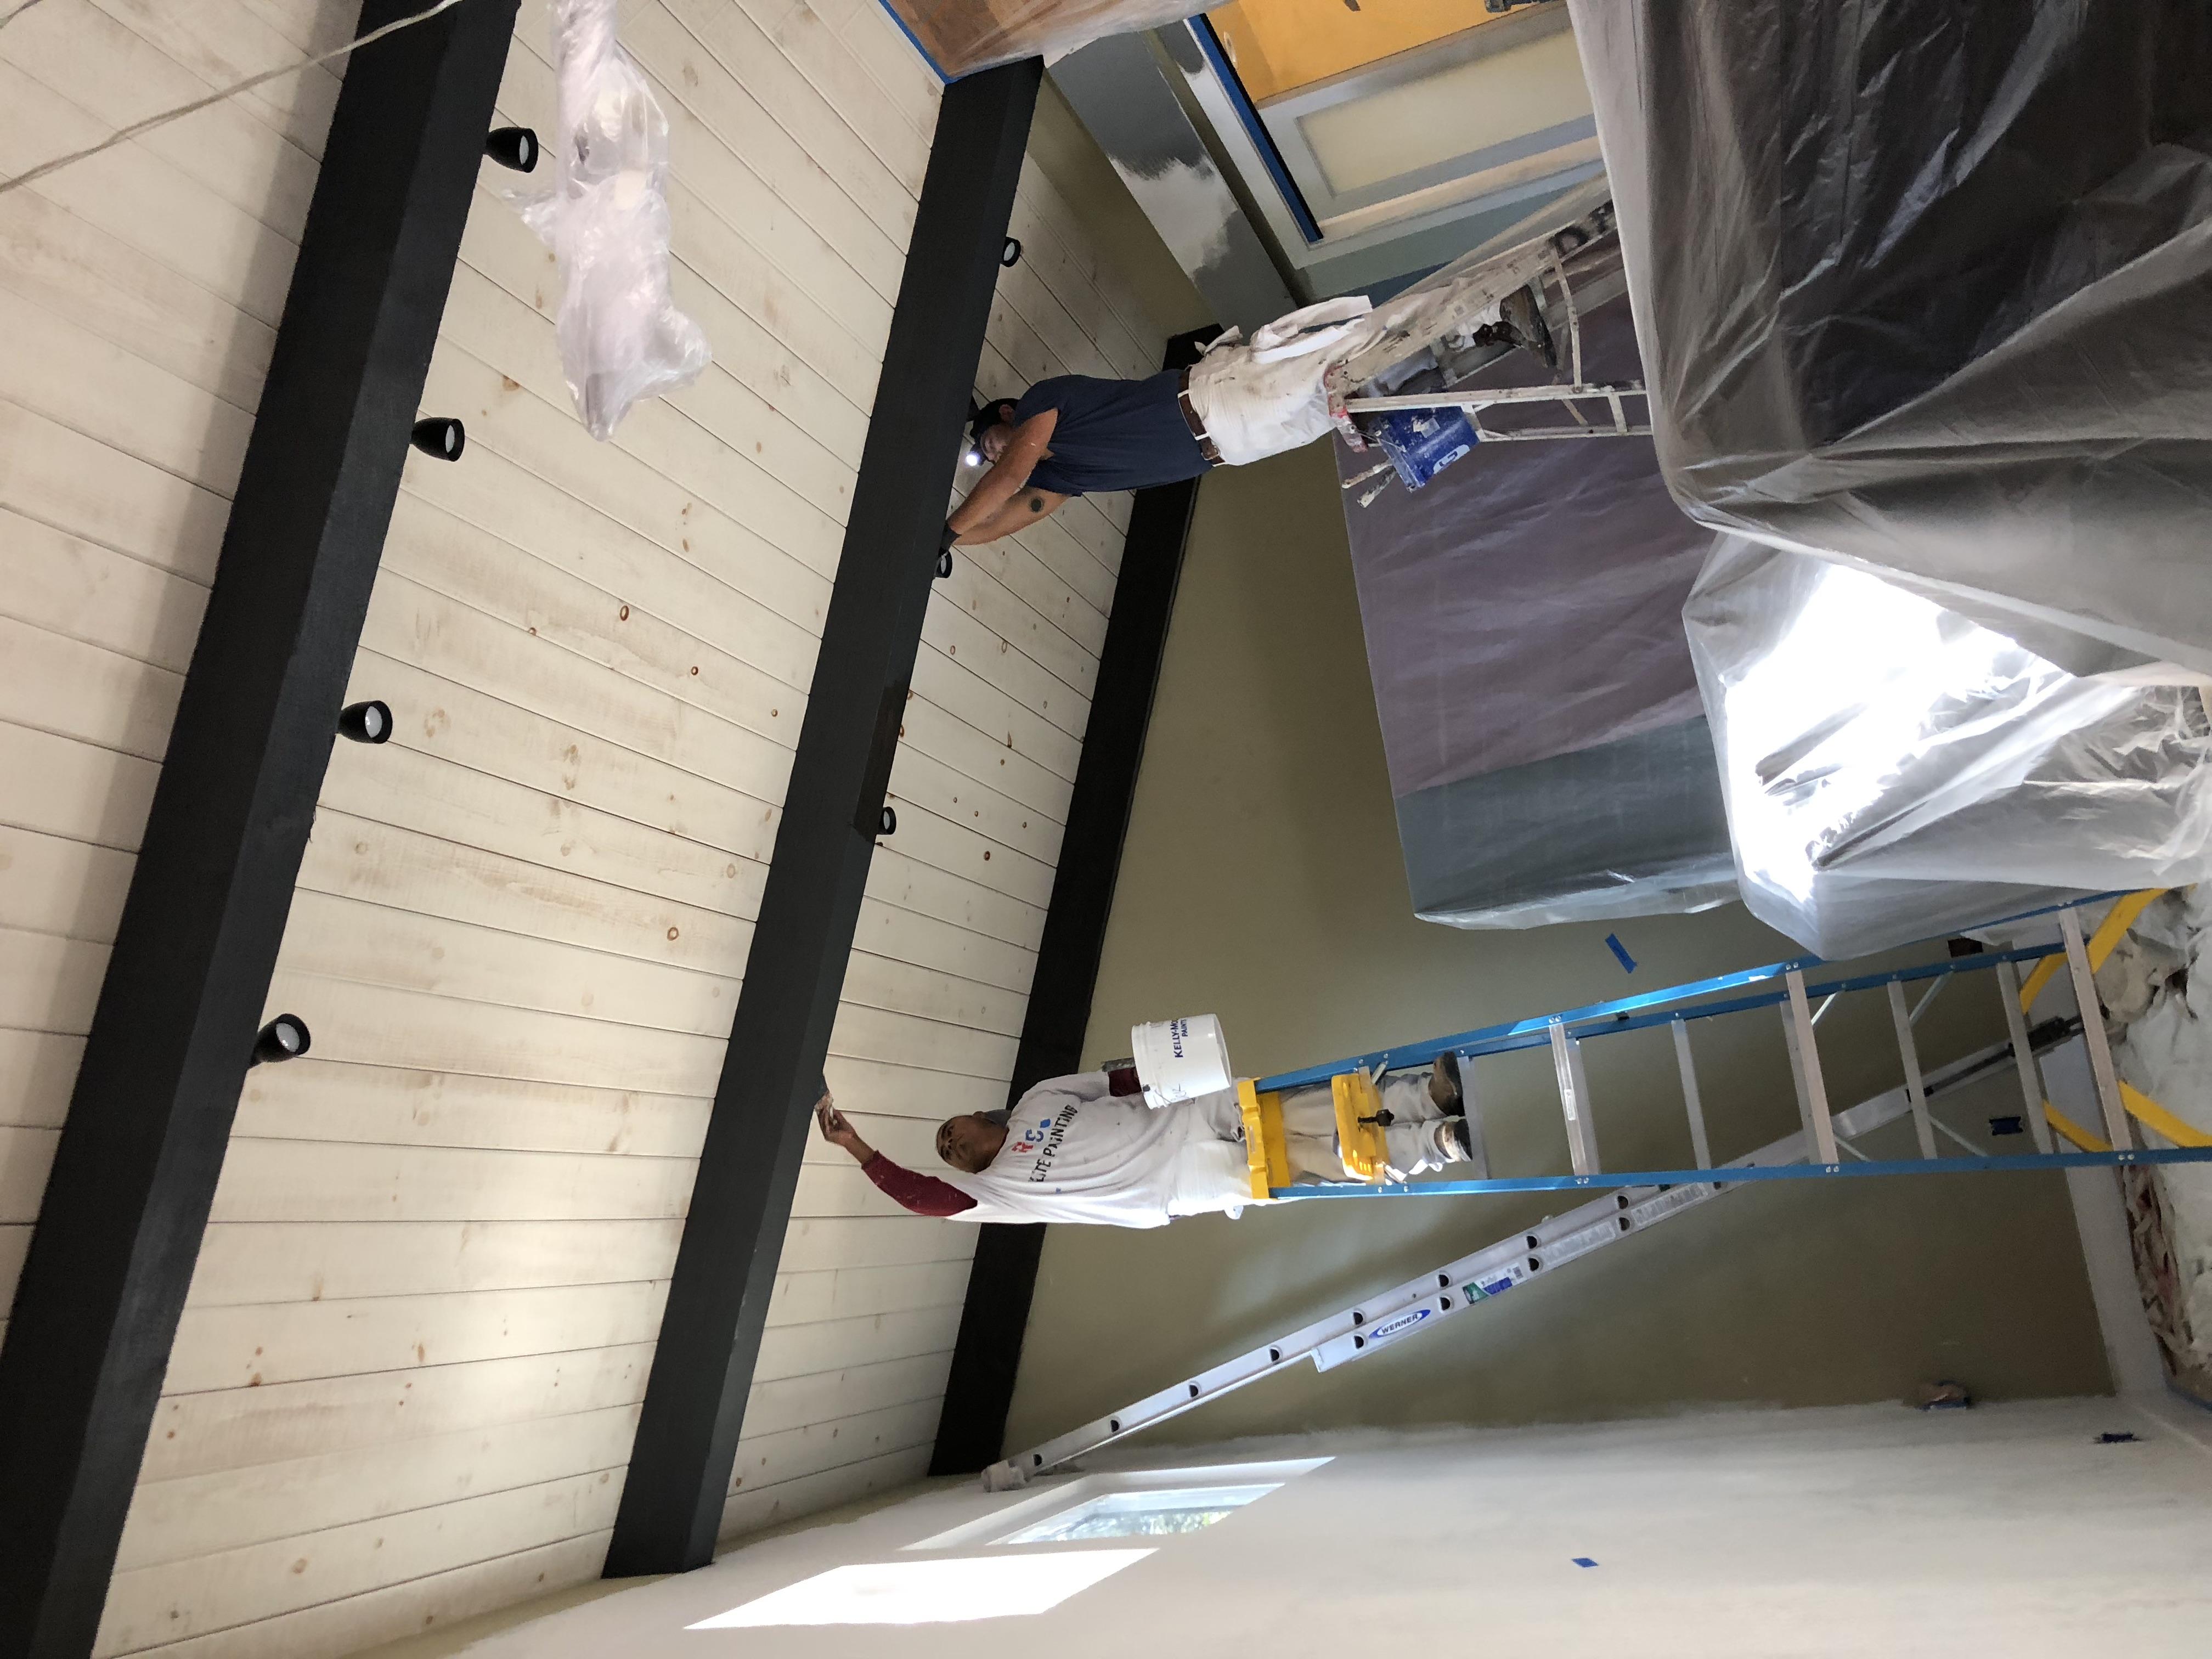 Nico y Cocho ladders